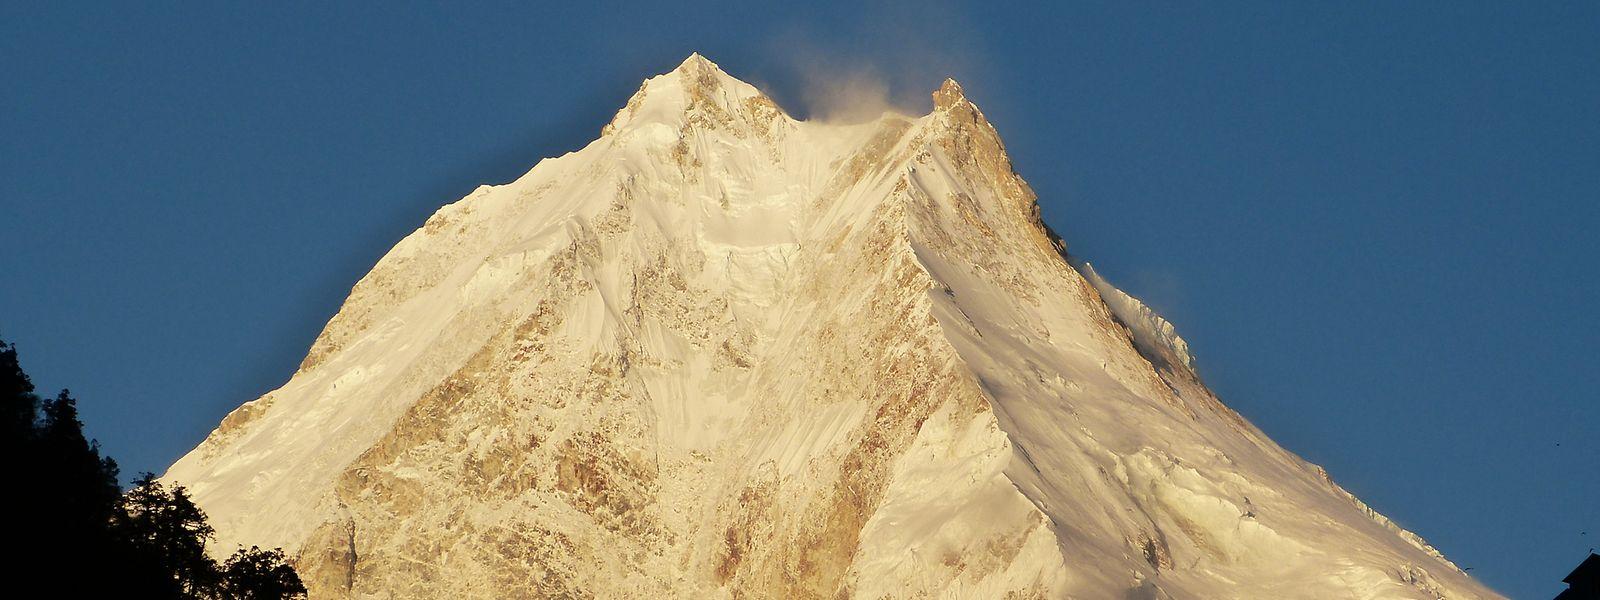 Der Mount Manaslu im Himalaya, einer der höchsten Berge der Welt, aufgenommen in der Morgensonne.